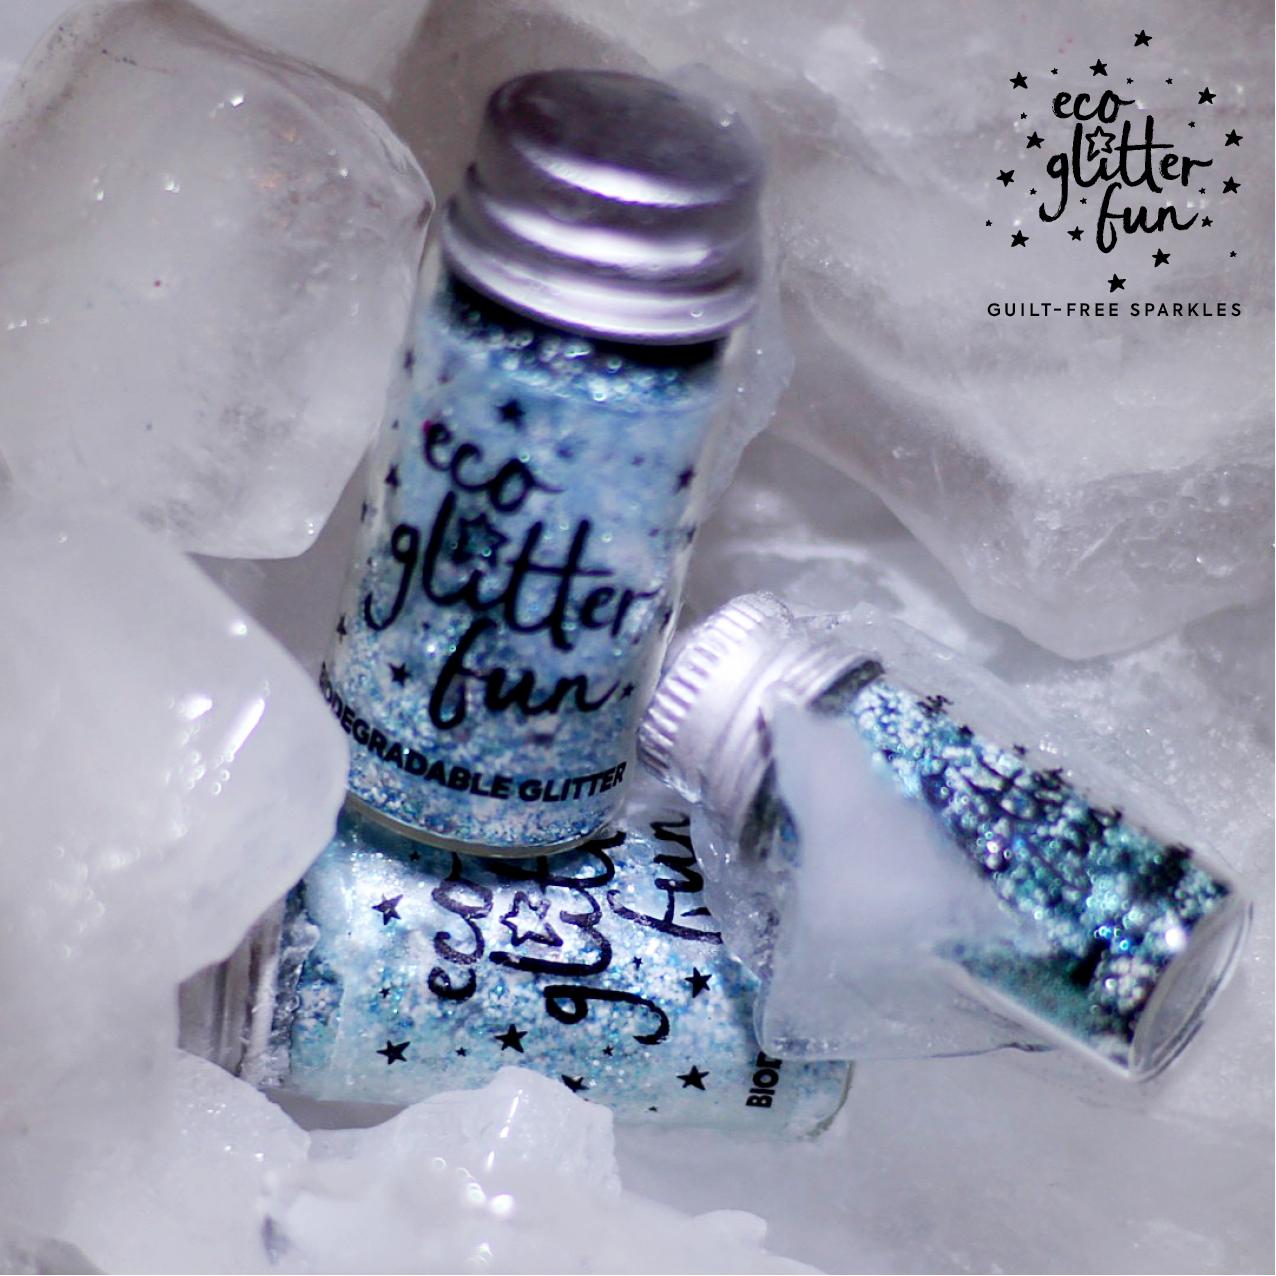 Frozen blend of BioGlitter